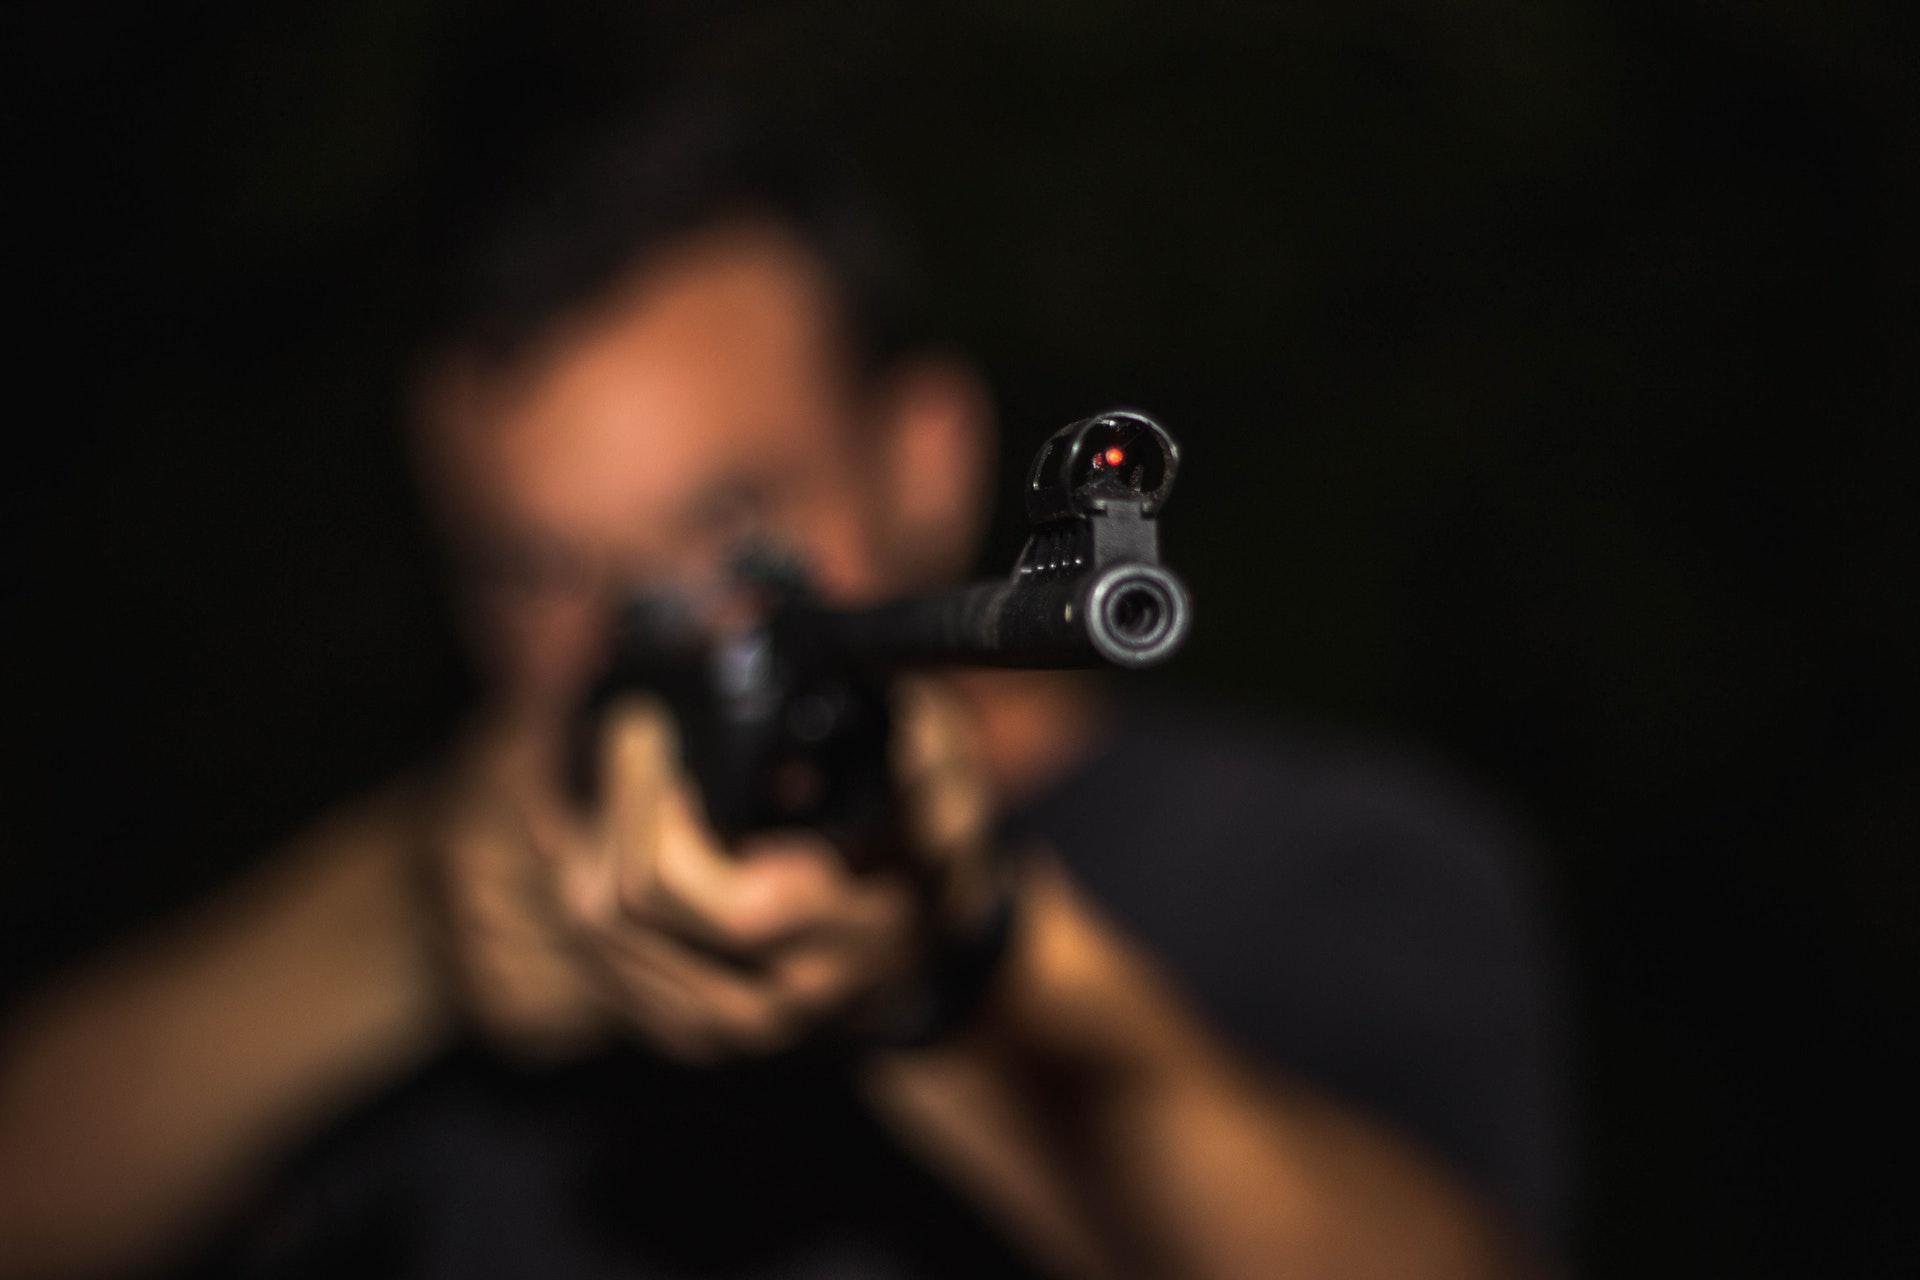 assault-rifle-blur-close-up-1592109.jpg